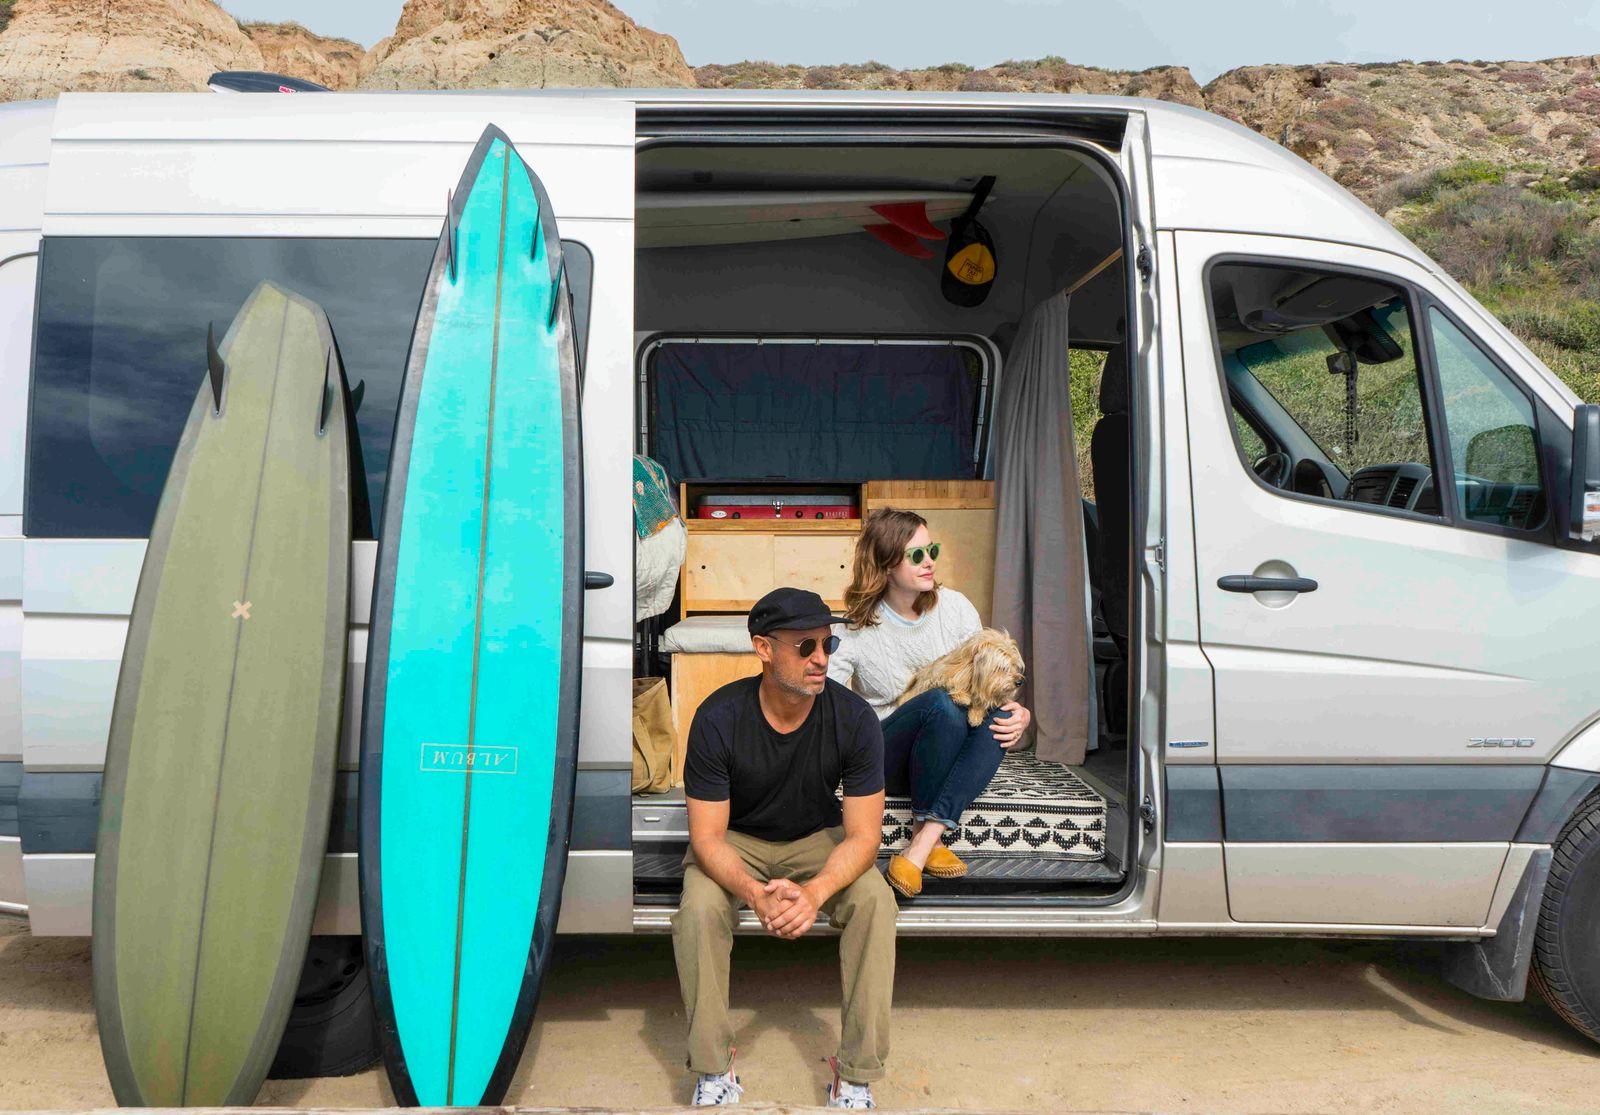 p.125_PhotoMichaelTownsend,Surf Shacks2,Indoekgestalten2020.jpg